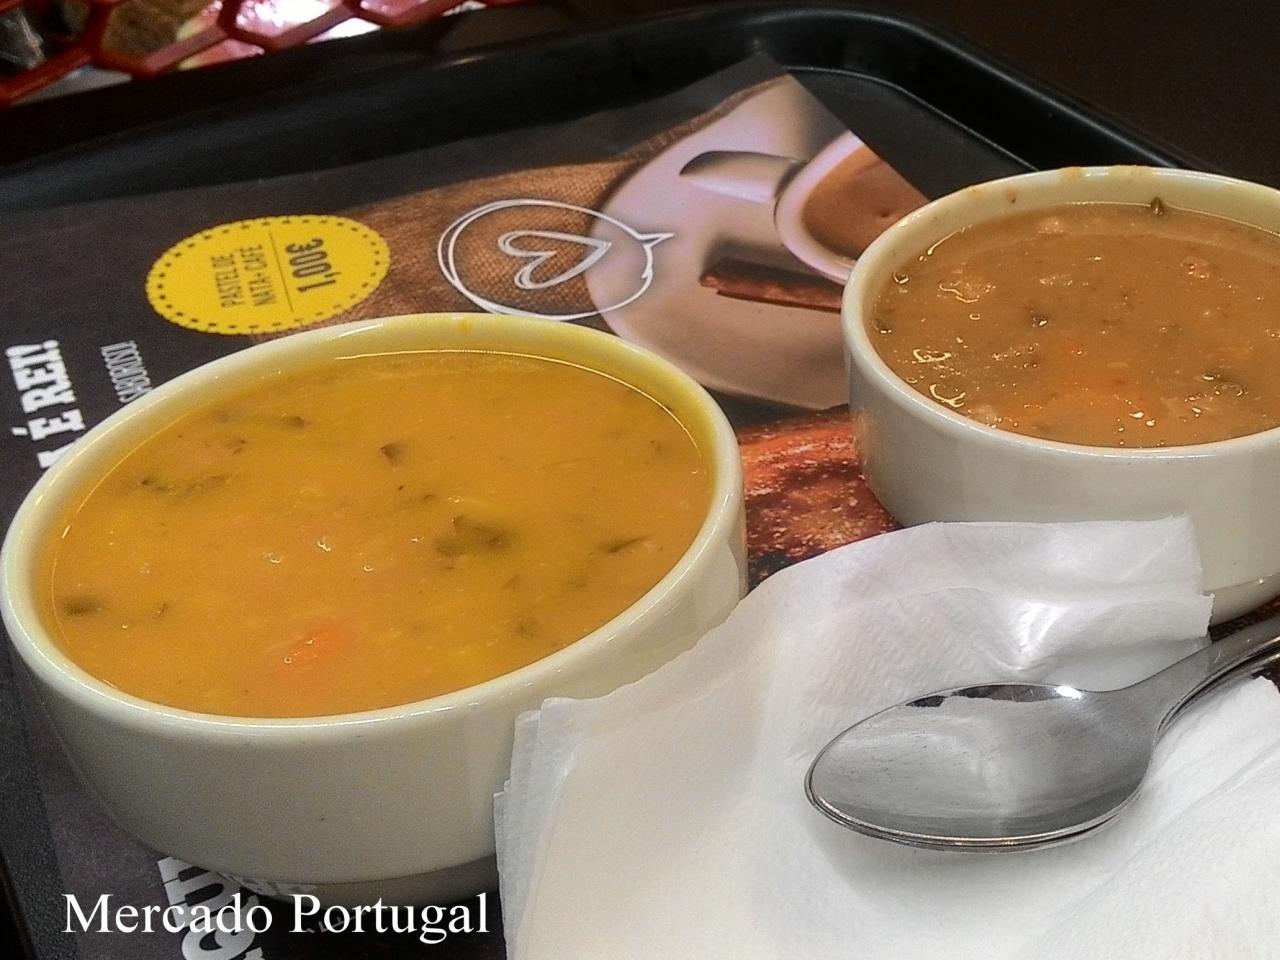 このようなピューレ状のスープが一般的。